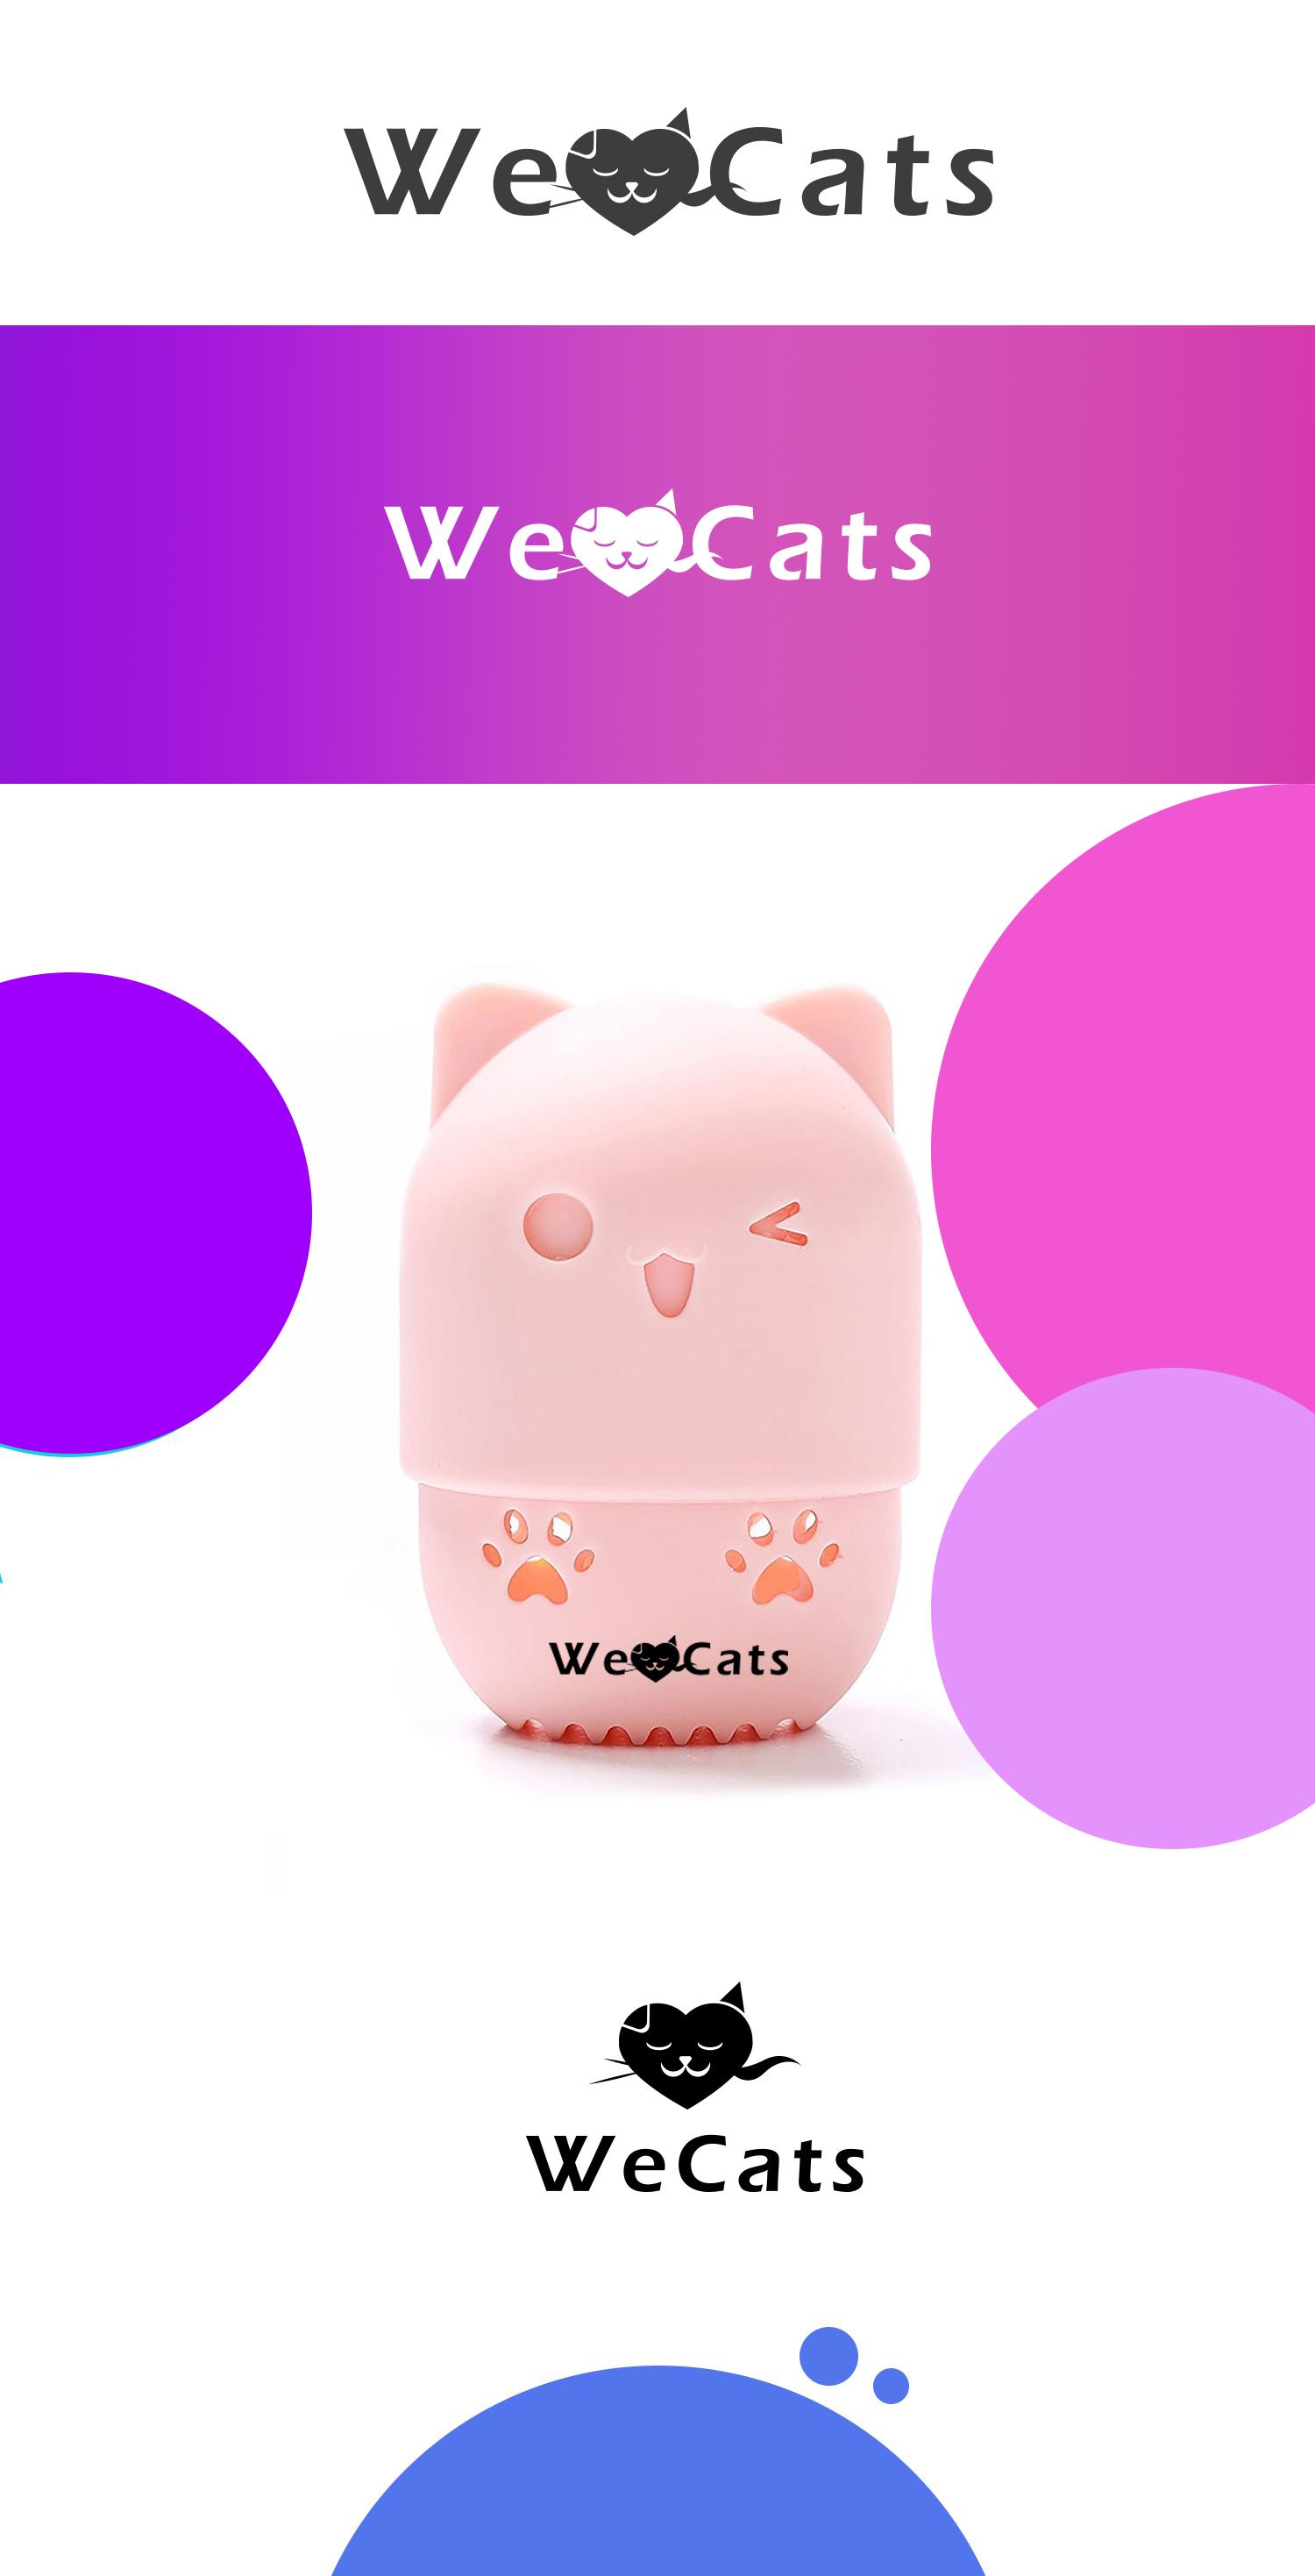 Создание логотипа WeCats фото f_0325f1aa24001fde.png